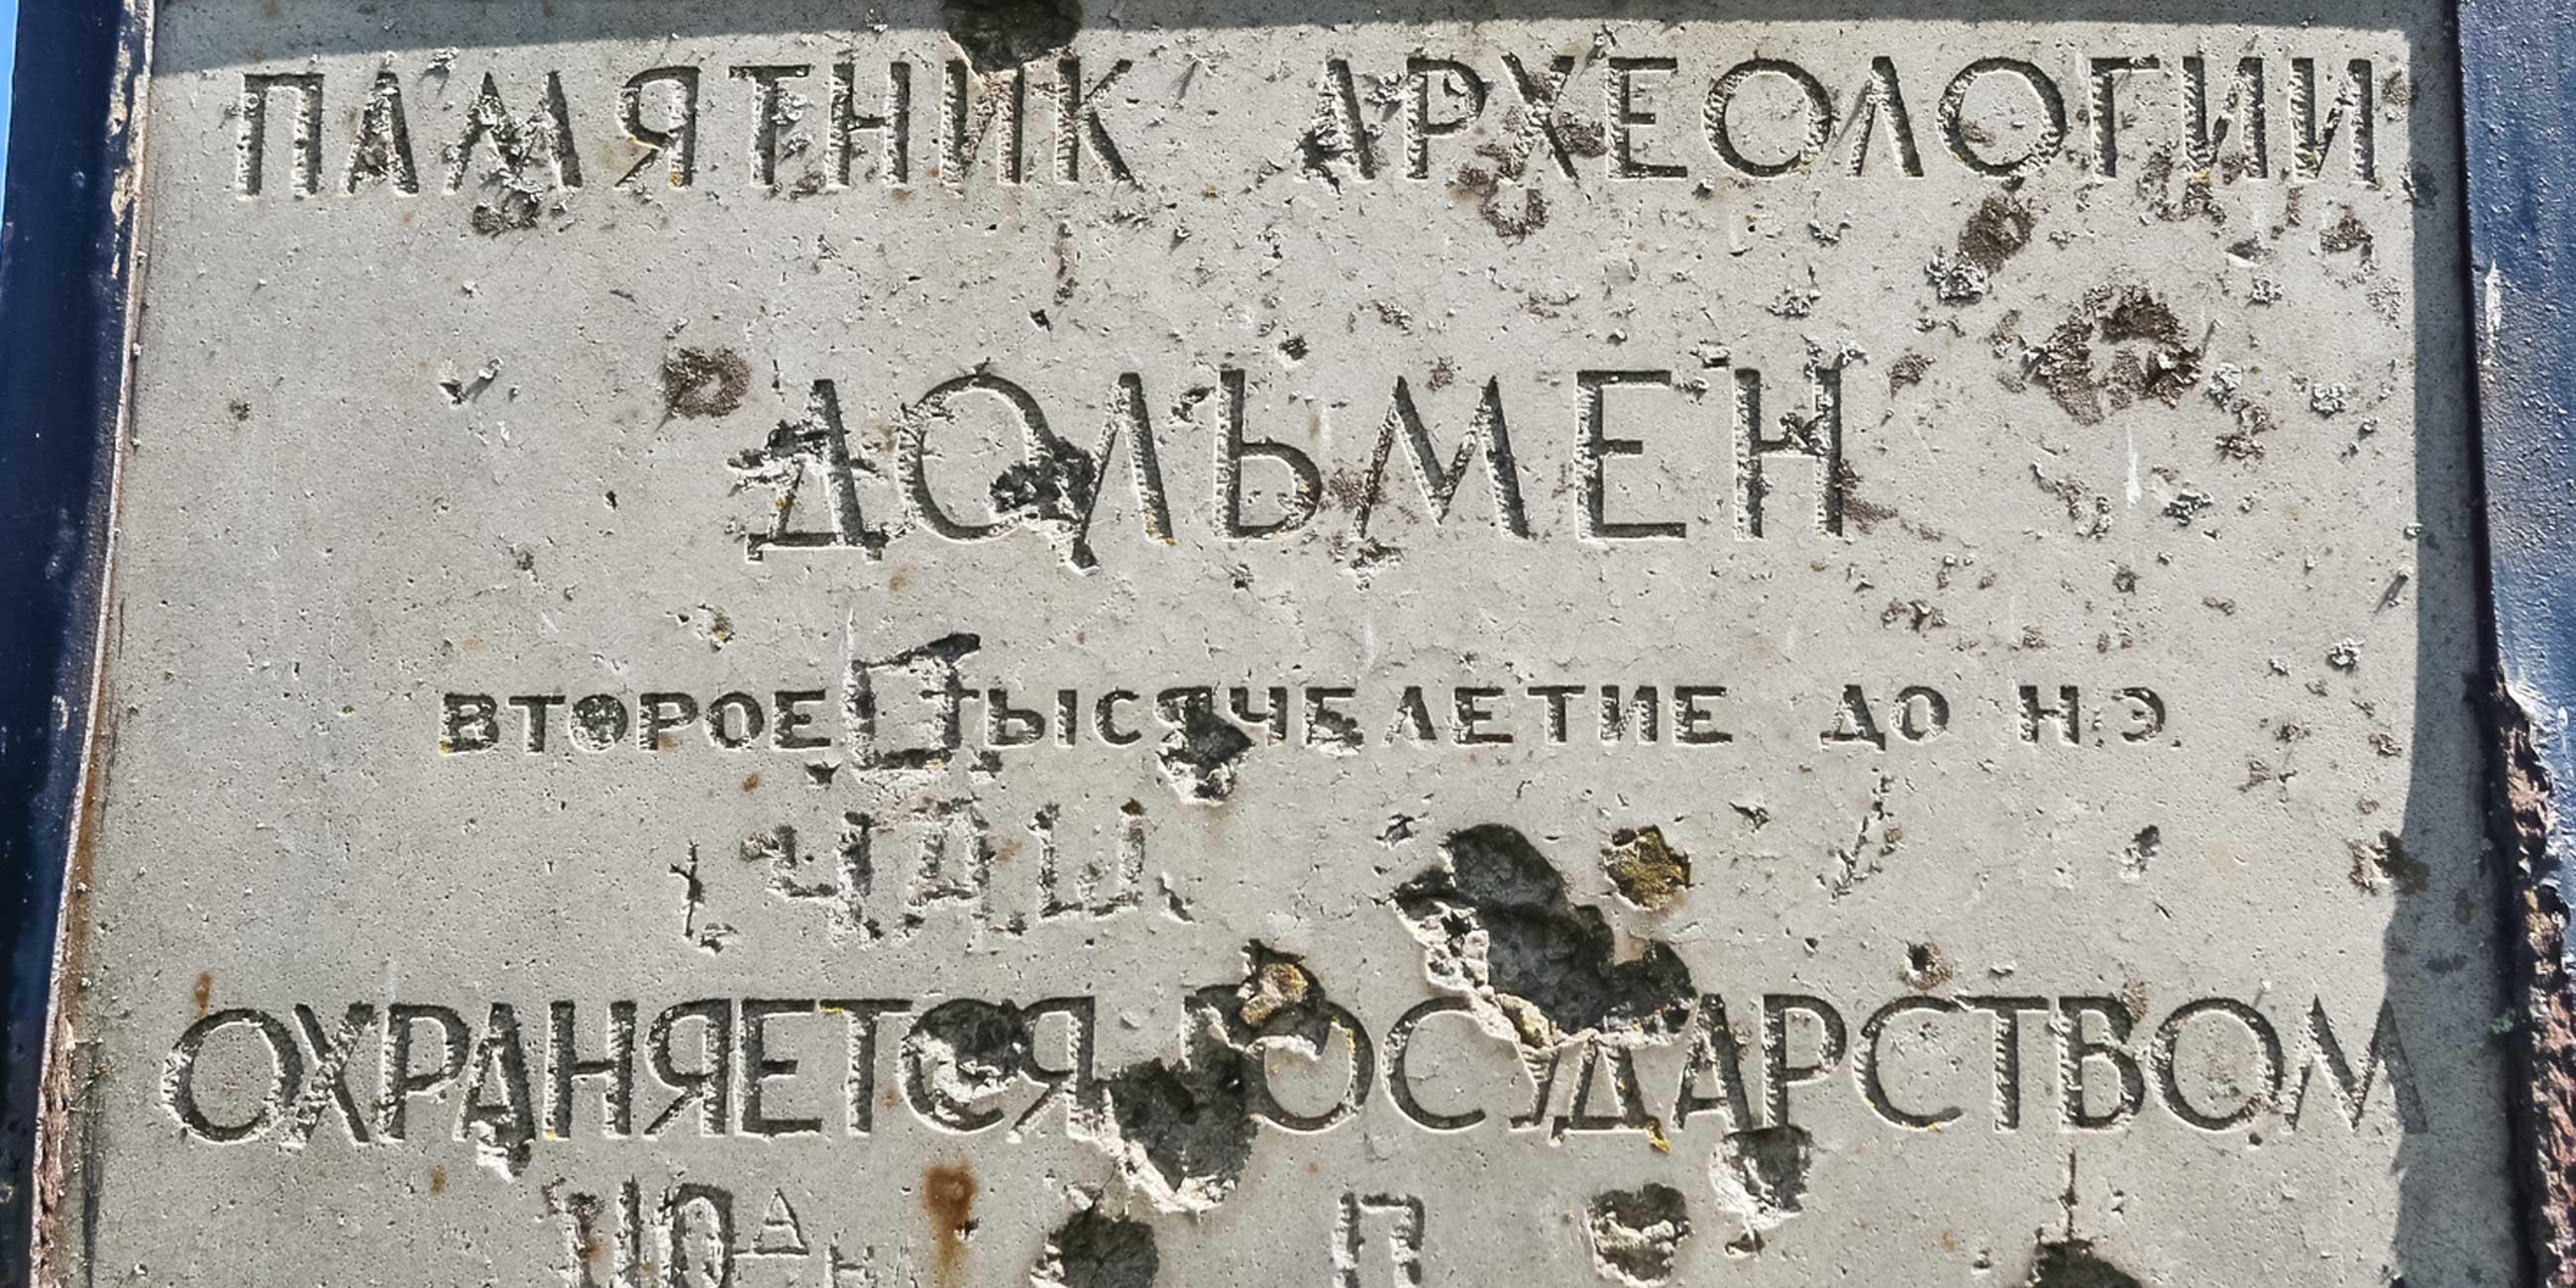 Комплекс дольменов в Краснодарском края является памятником археологии.Фото: Николай КОРЖОВ, lori.ru